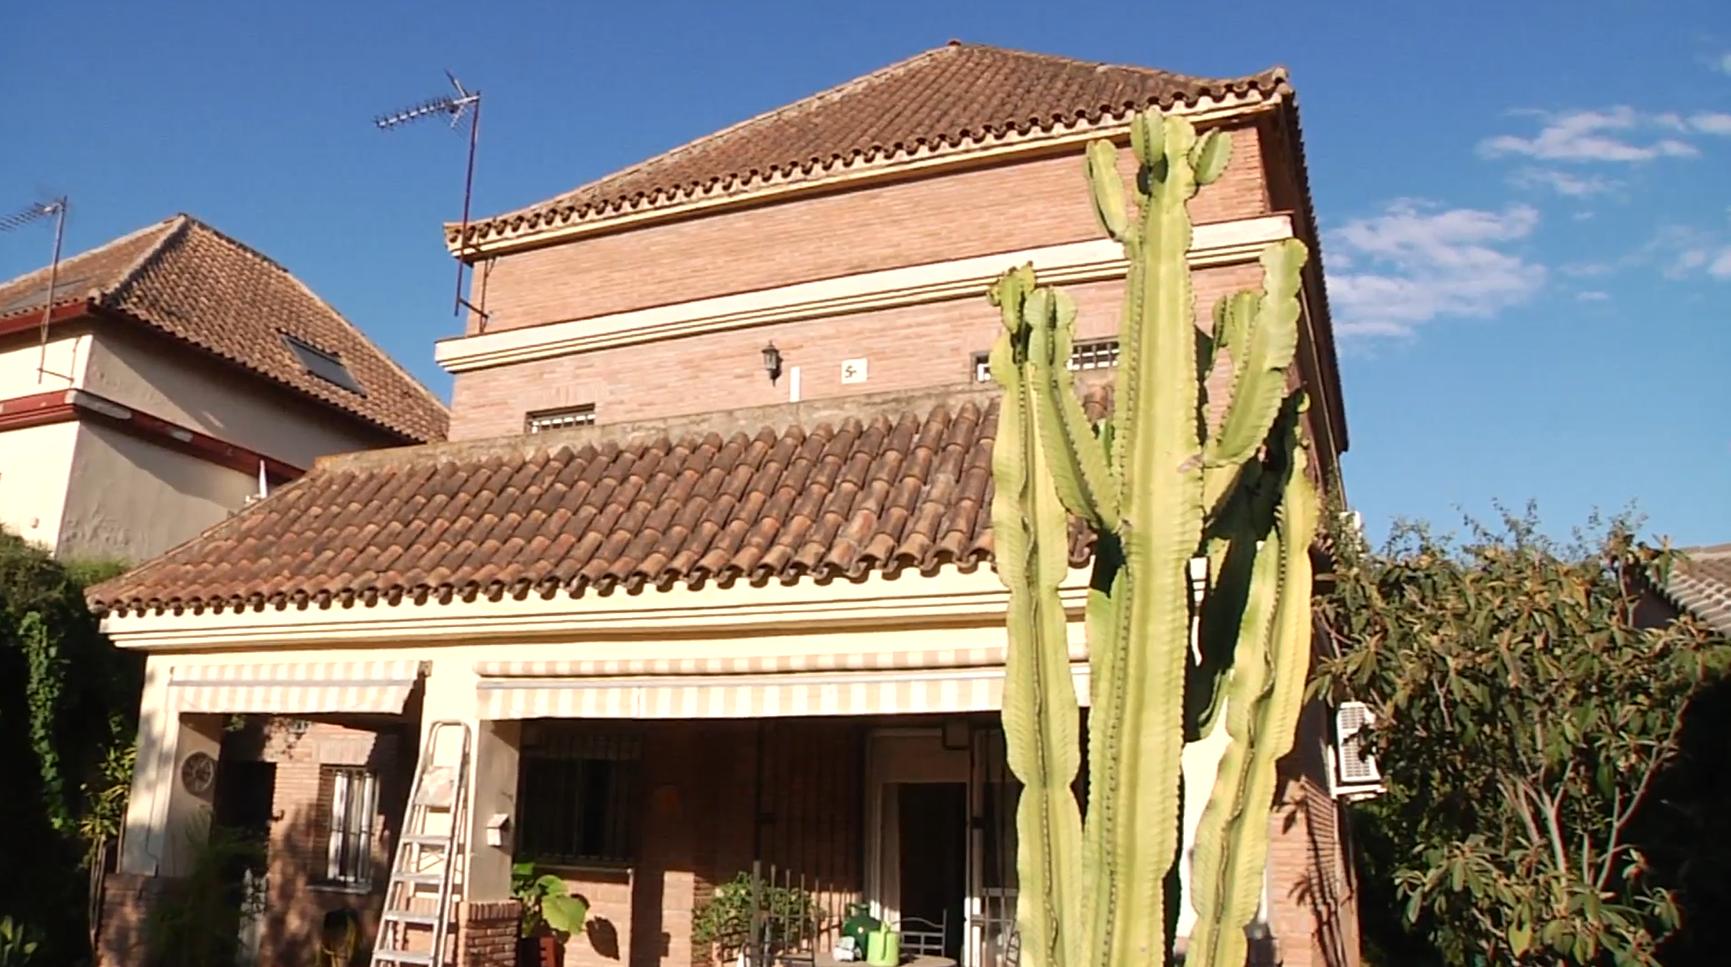 Sube un 40% la búsqueda de viviendas con terraza o jardín